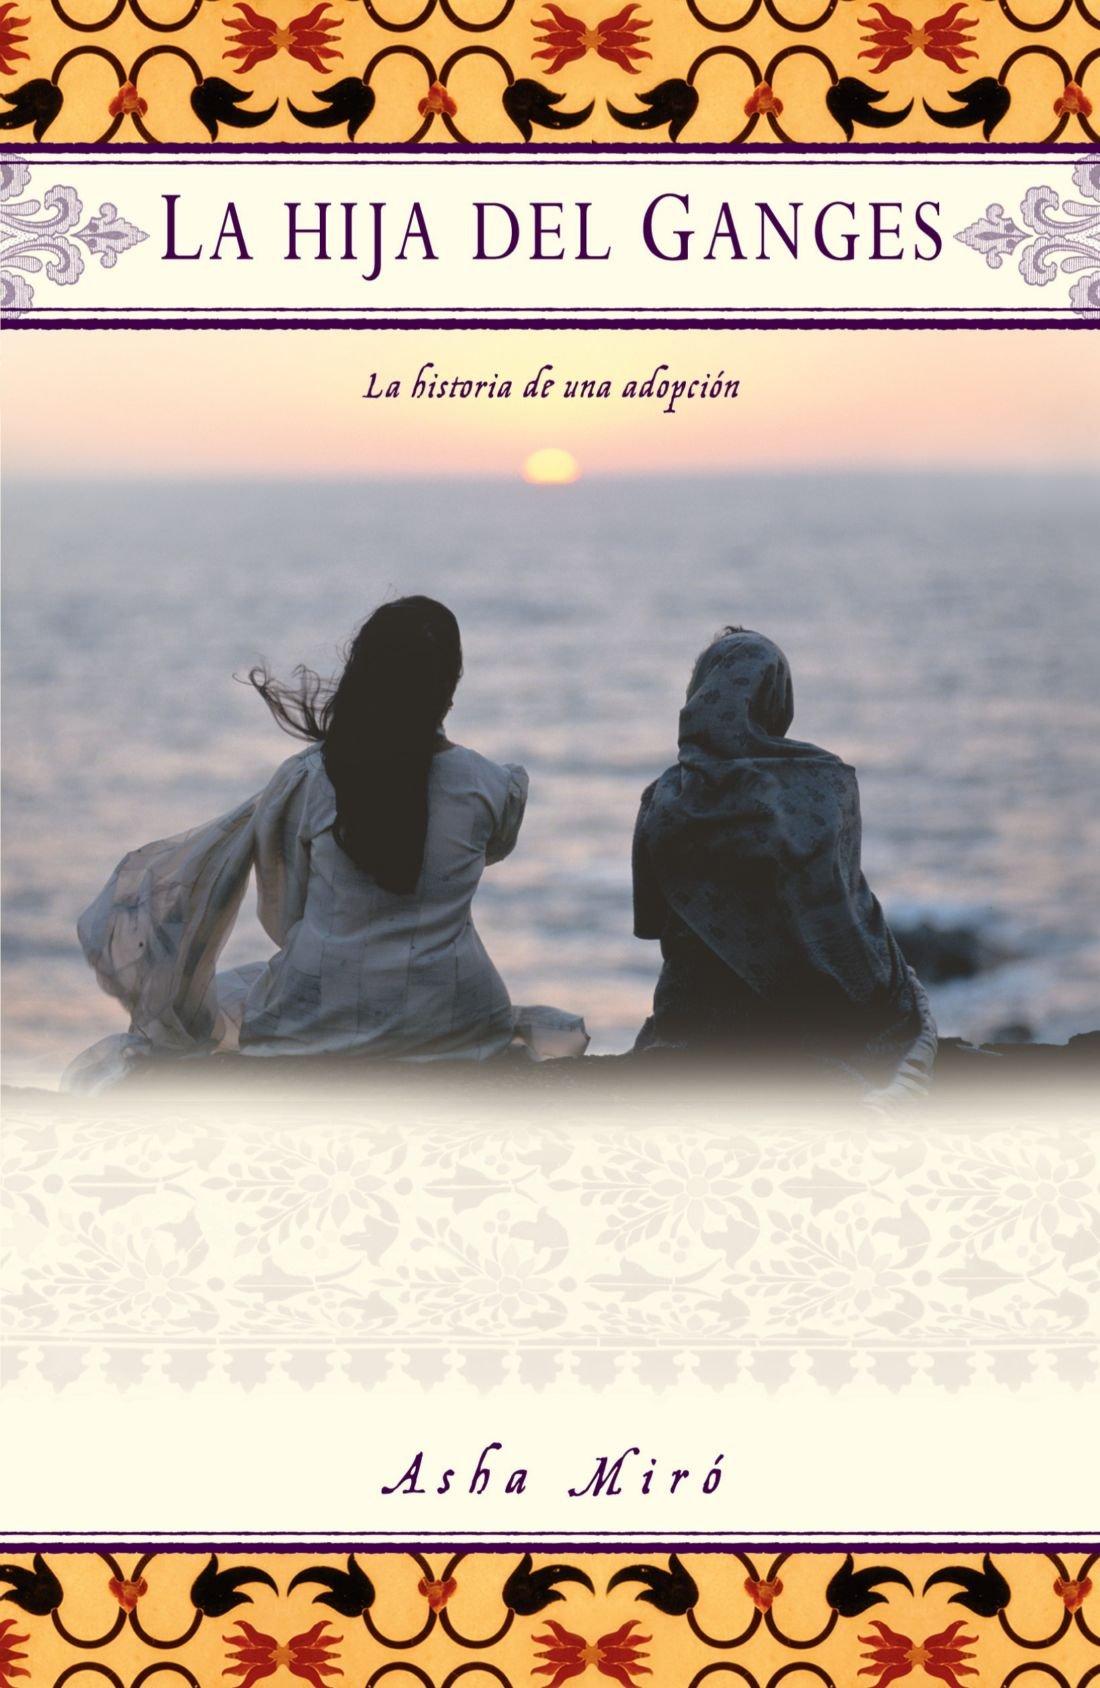 La Hija Del Ganges Daughter Of The Ganges La Historia De Una Adopción A Memoir Spanish Edition Miro Asha 9780743286749 Books